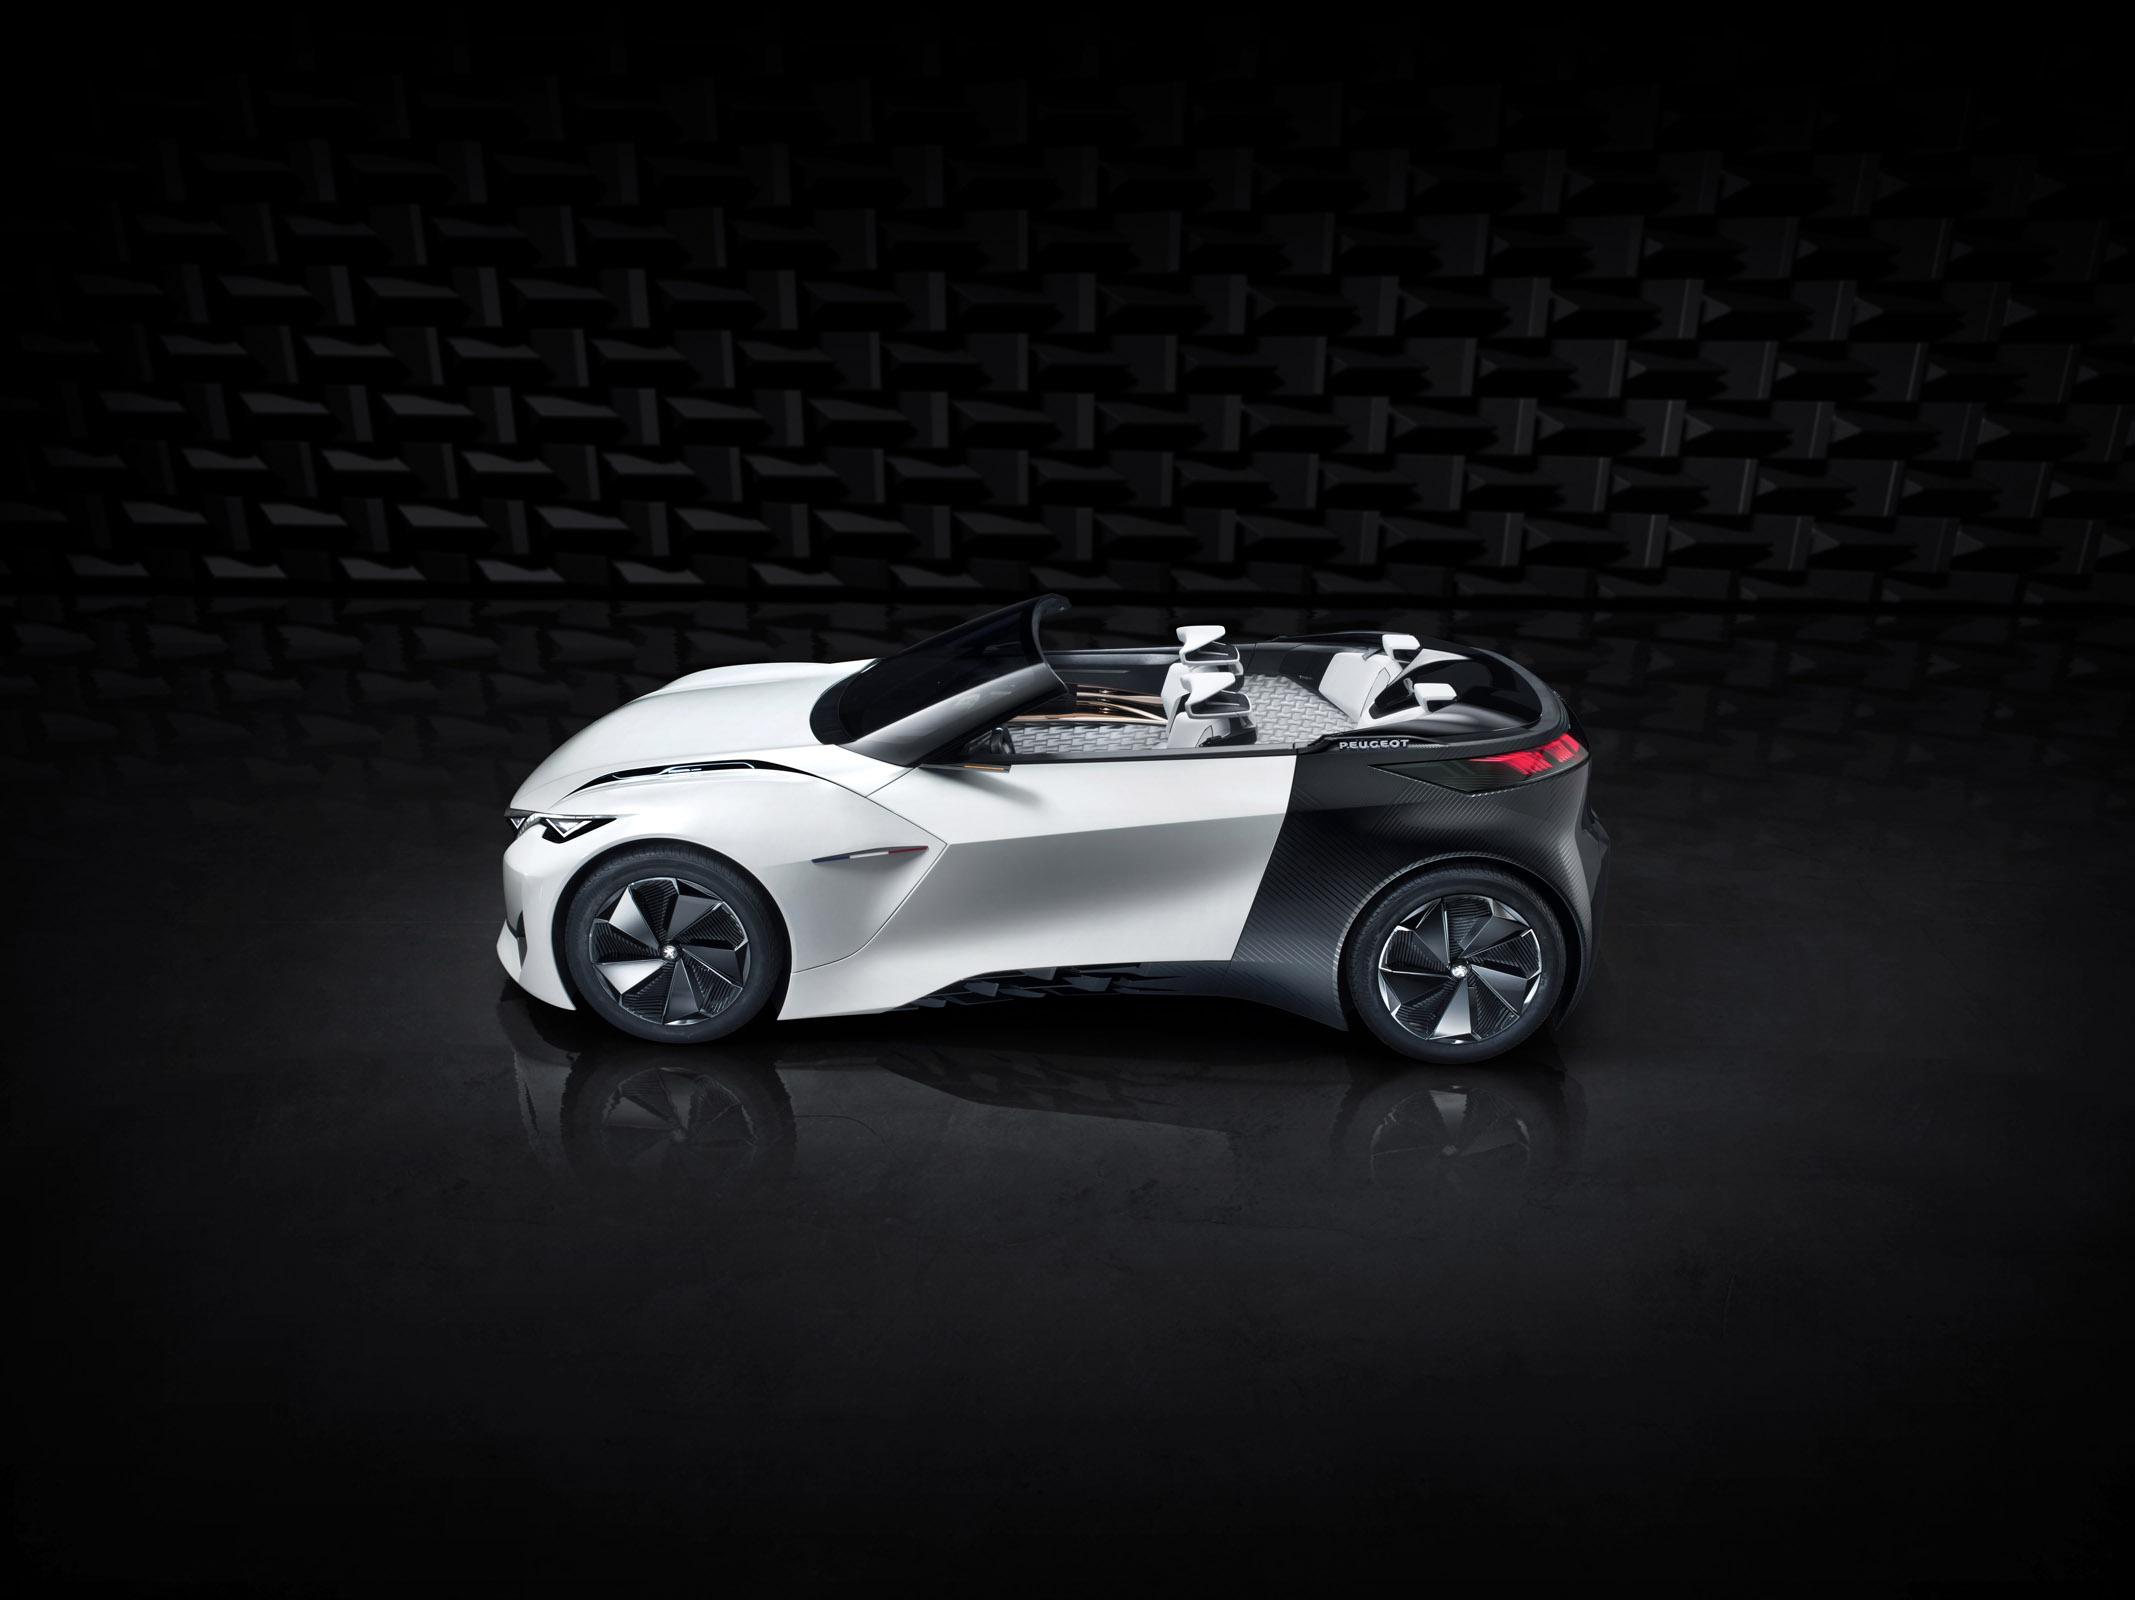 2015 Peugeot Fractal